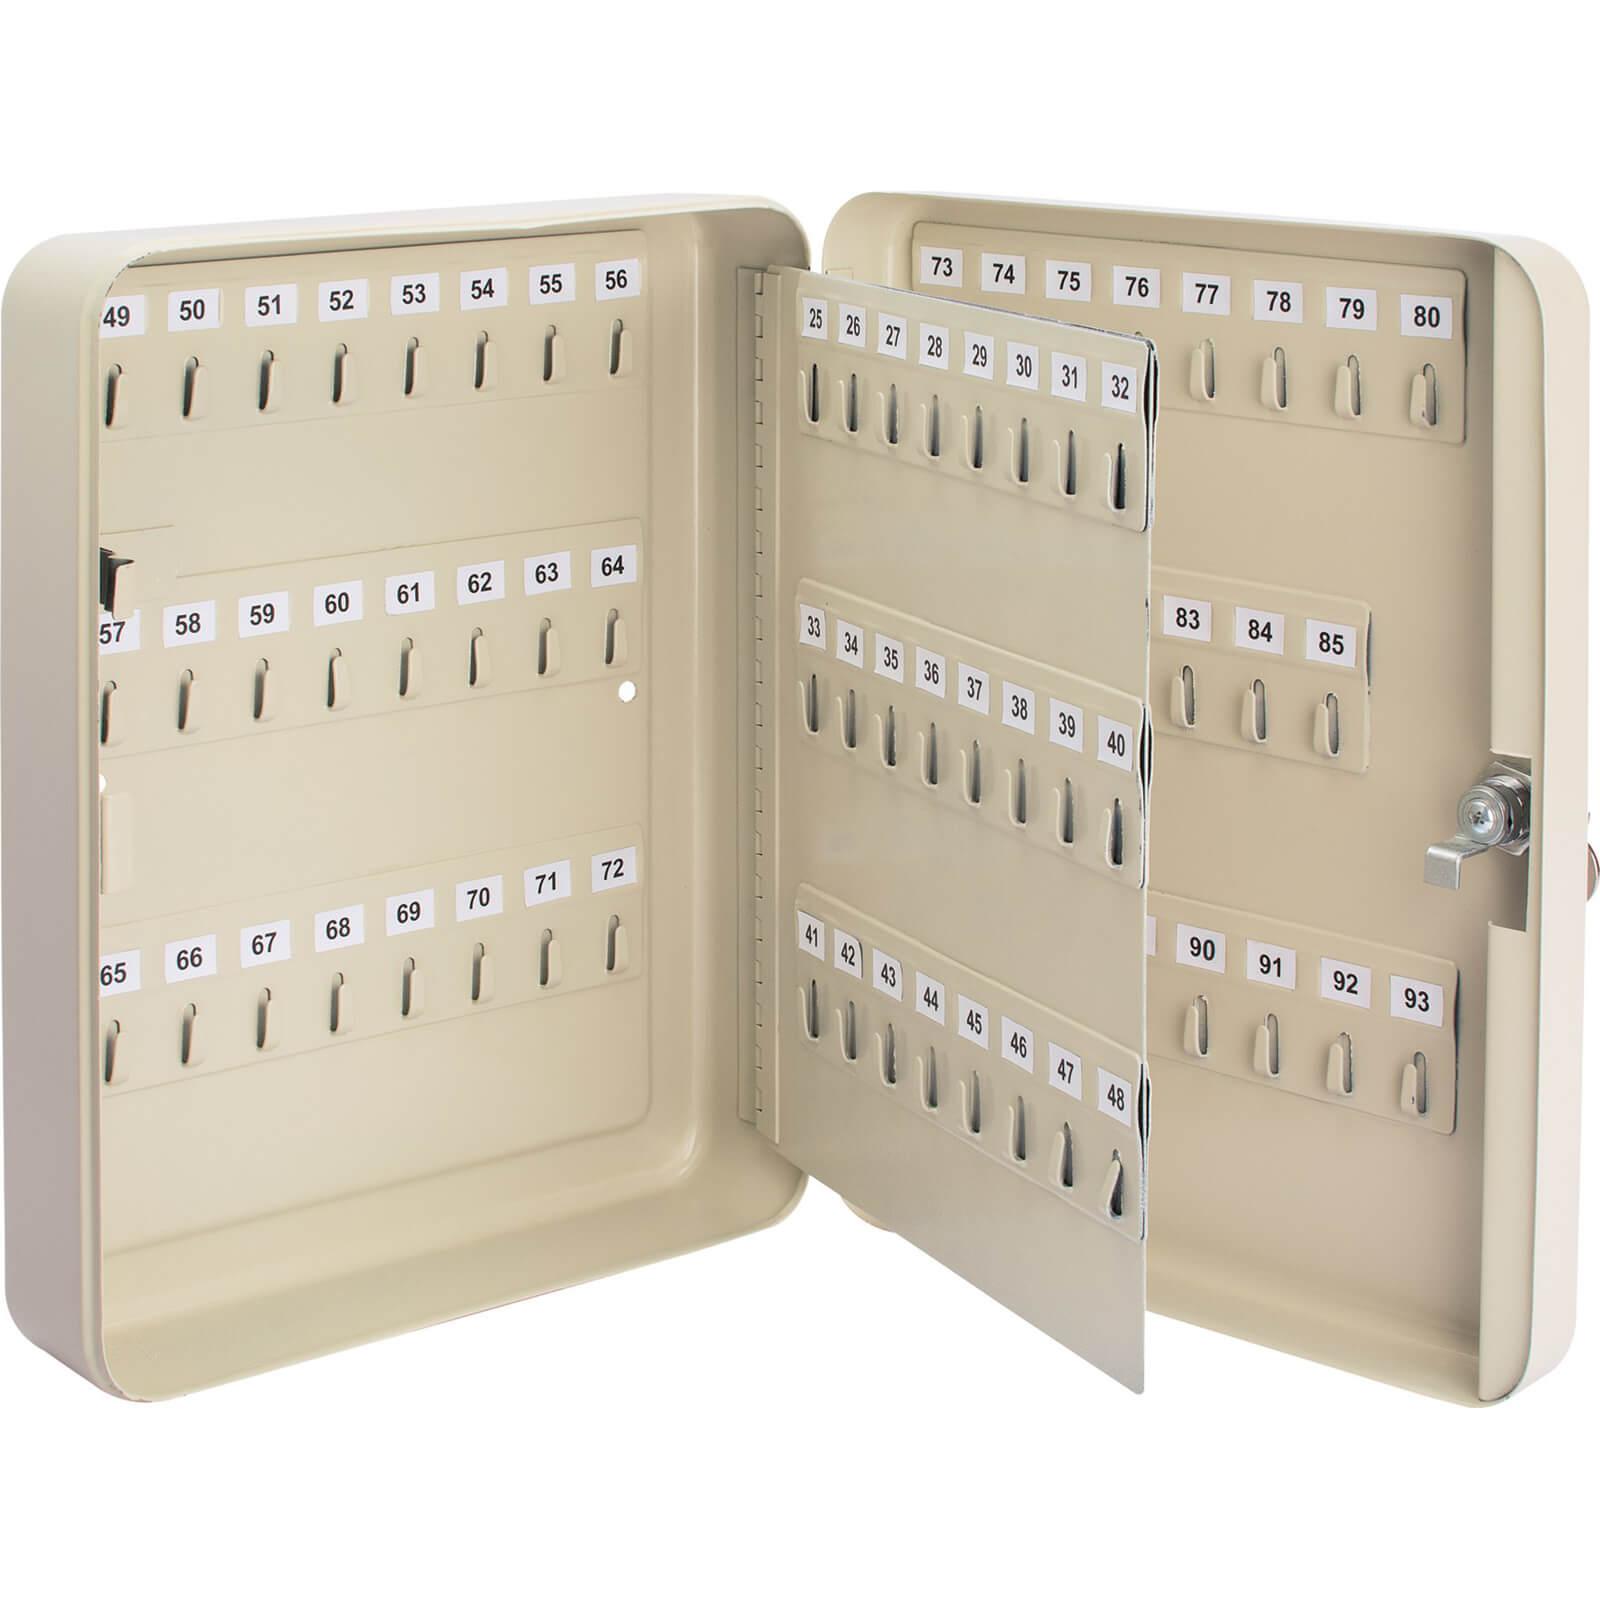 Image of Draper 93 Hook Key Cabinet Safe